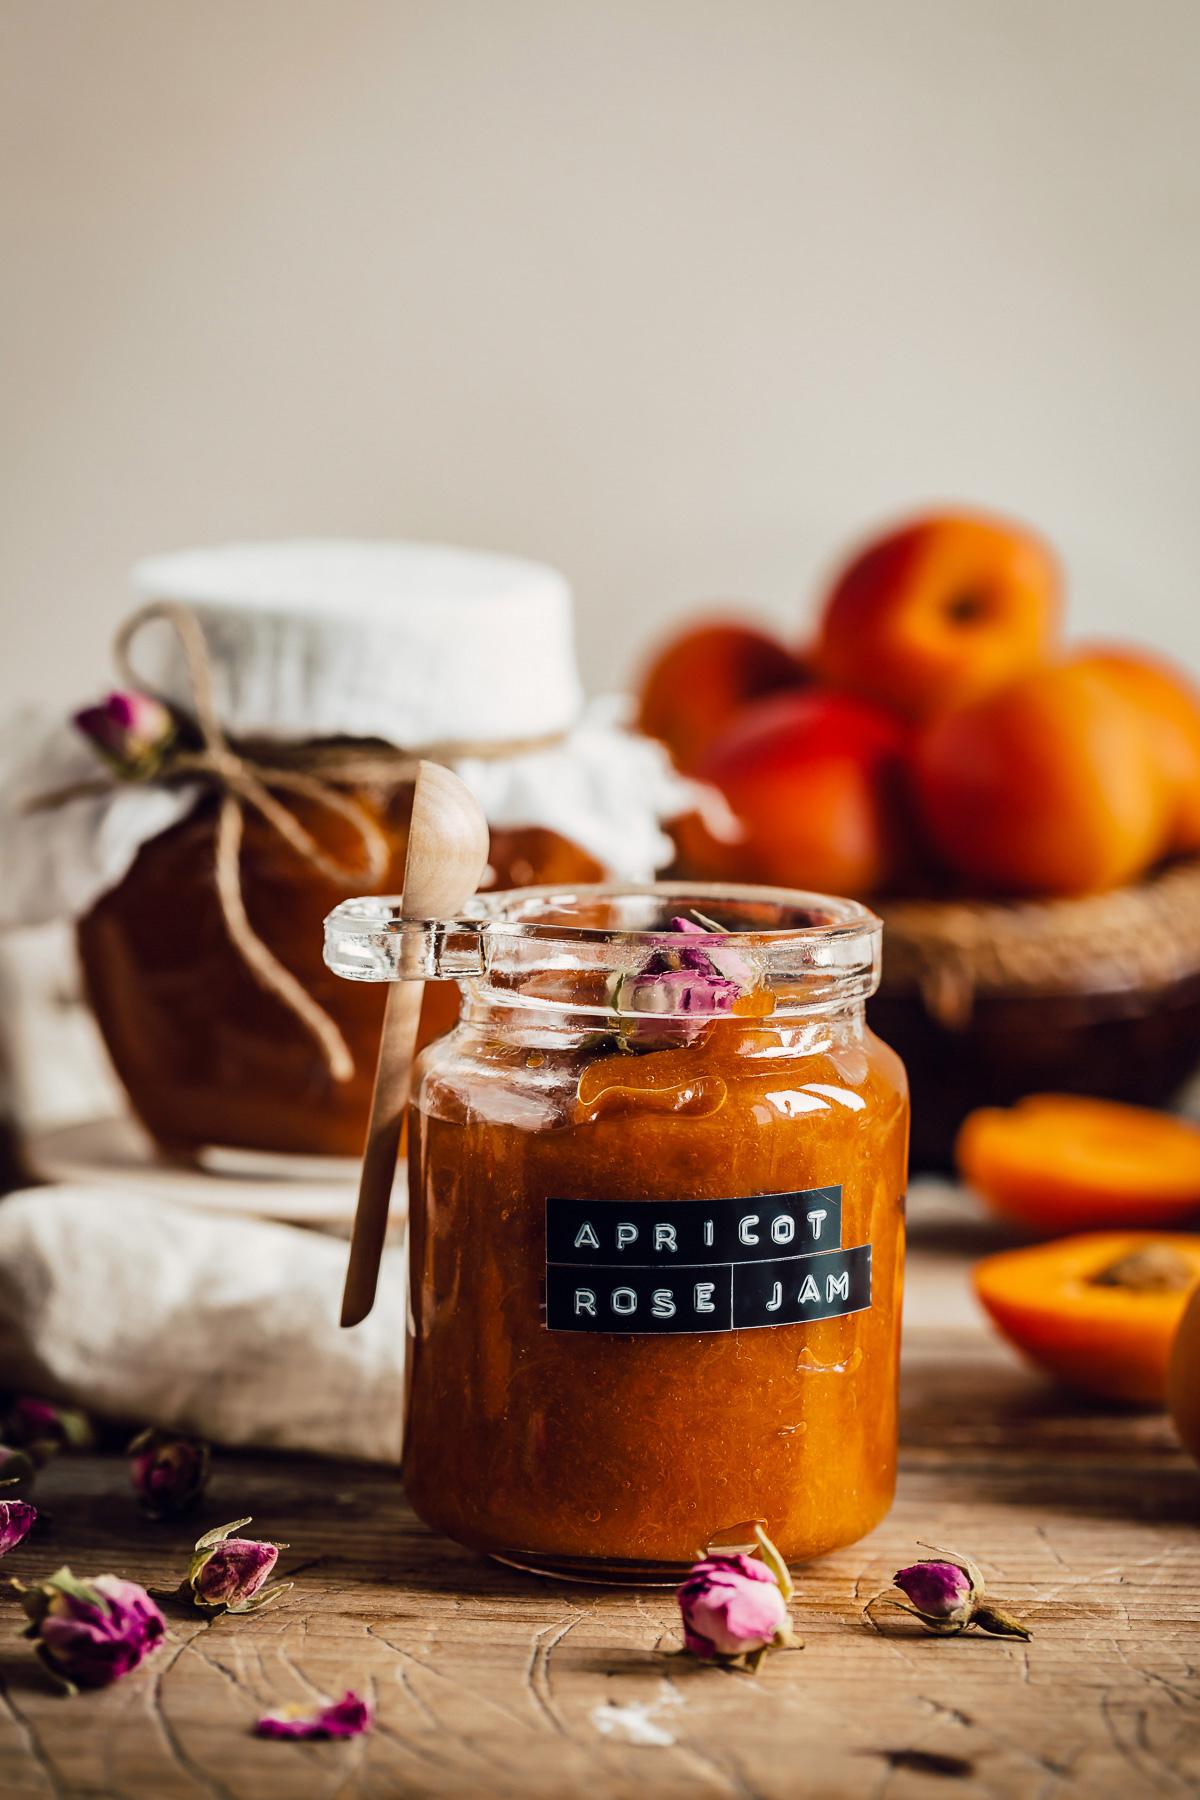 Vegan refined sugar free APRICOT JAM recipe with maple syrup and Damascena Rose ricetta CONFETTURA di ALBICOCCHE e sciroppo d acero alle rose di Damasco senza zucchero raffinato